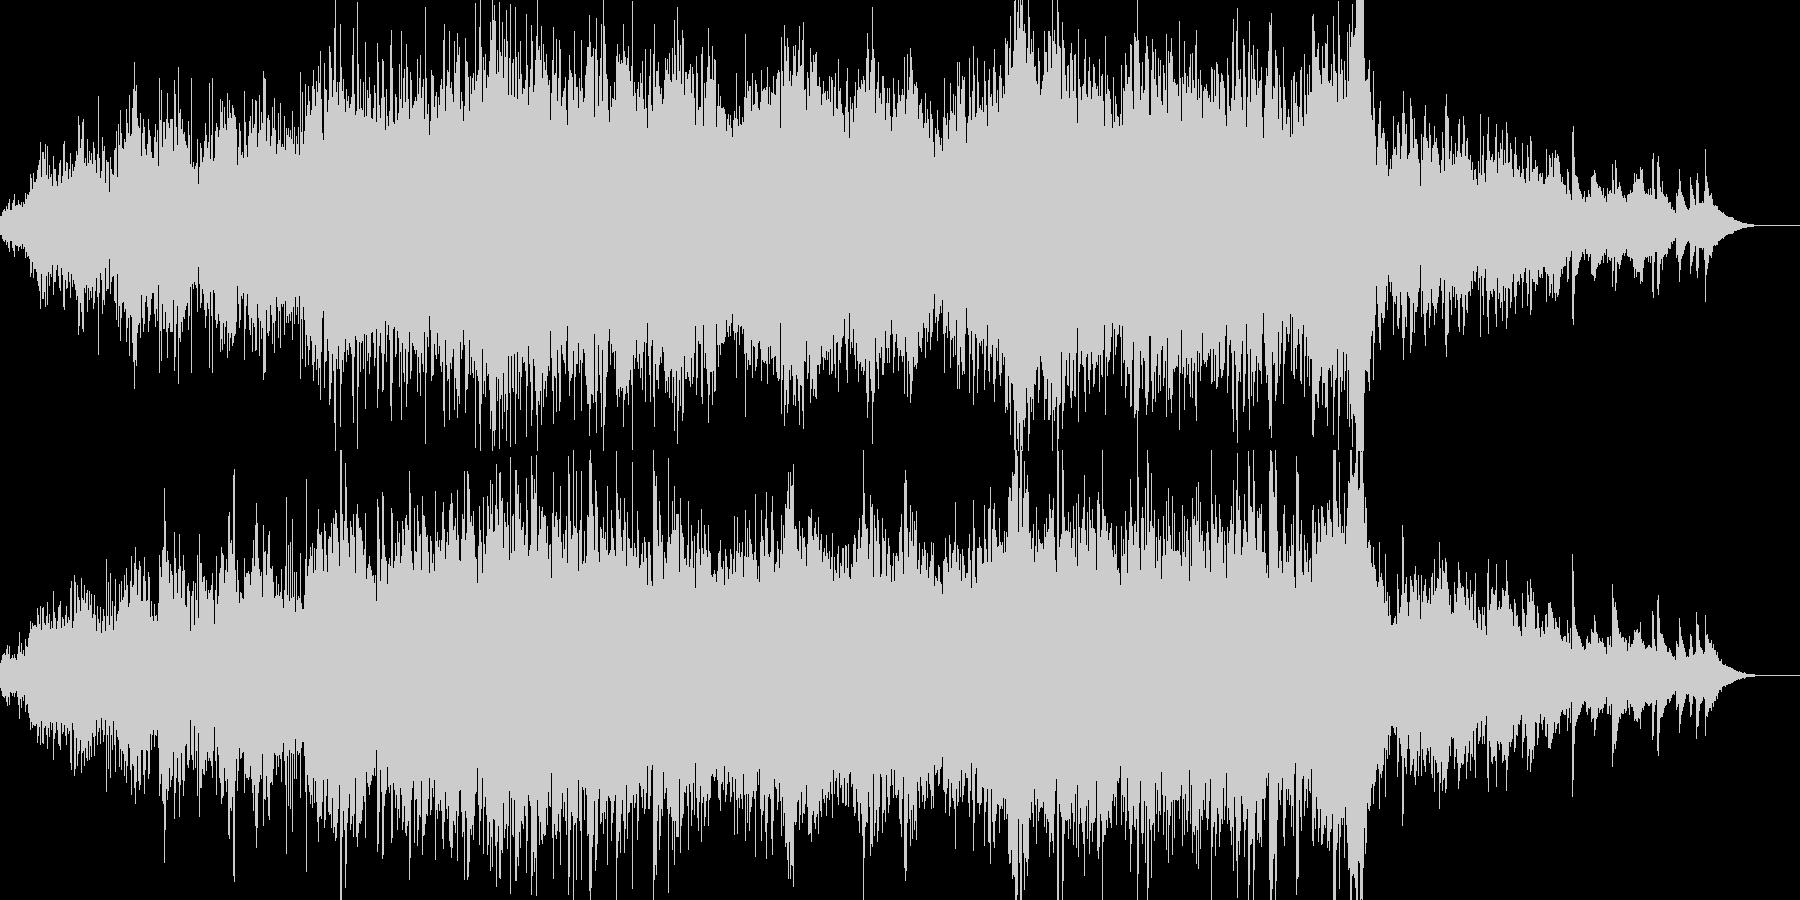 生演奏ギターの綺麗なアルペジオインストの未再生の波形